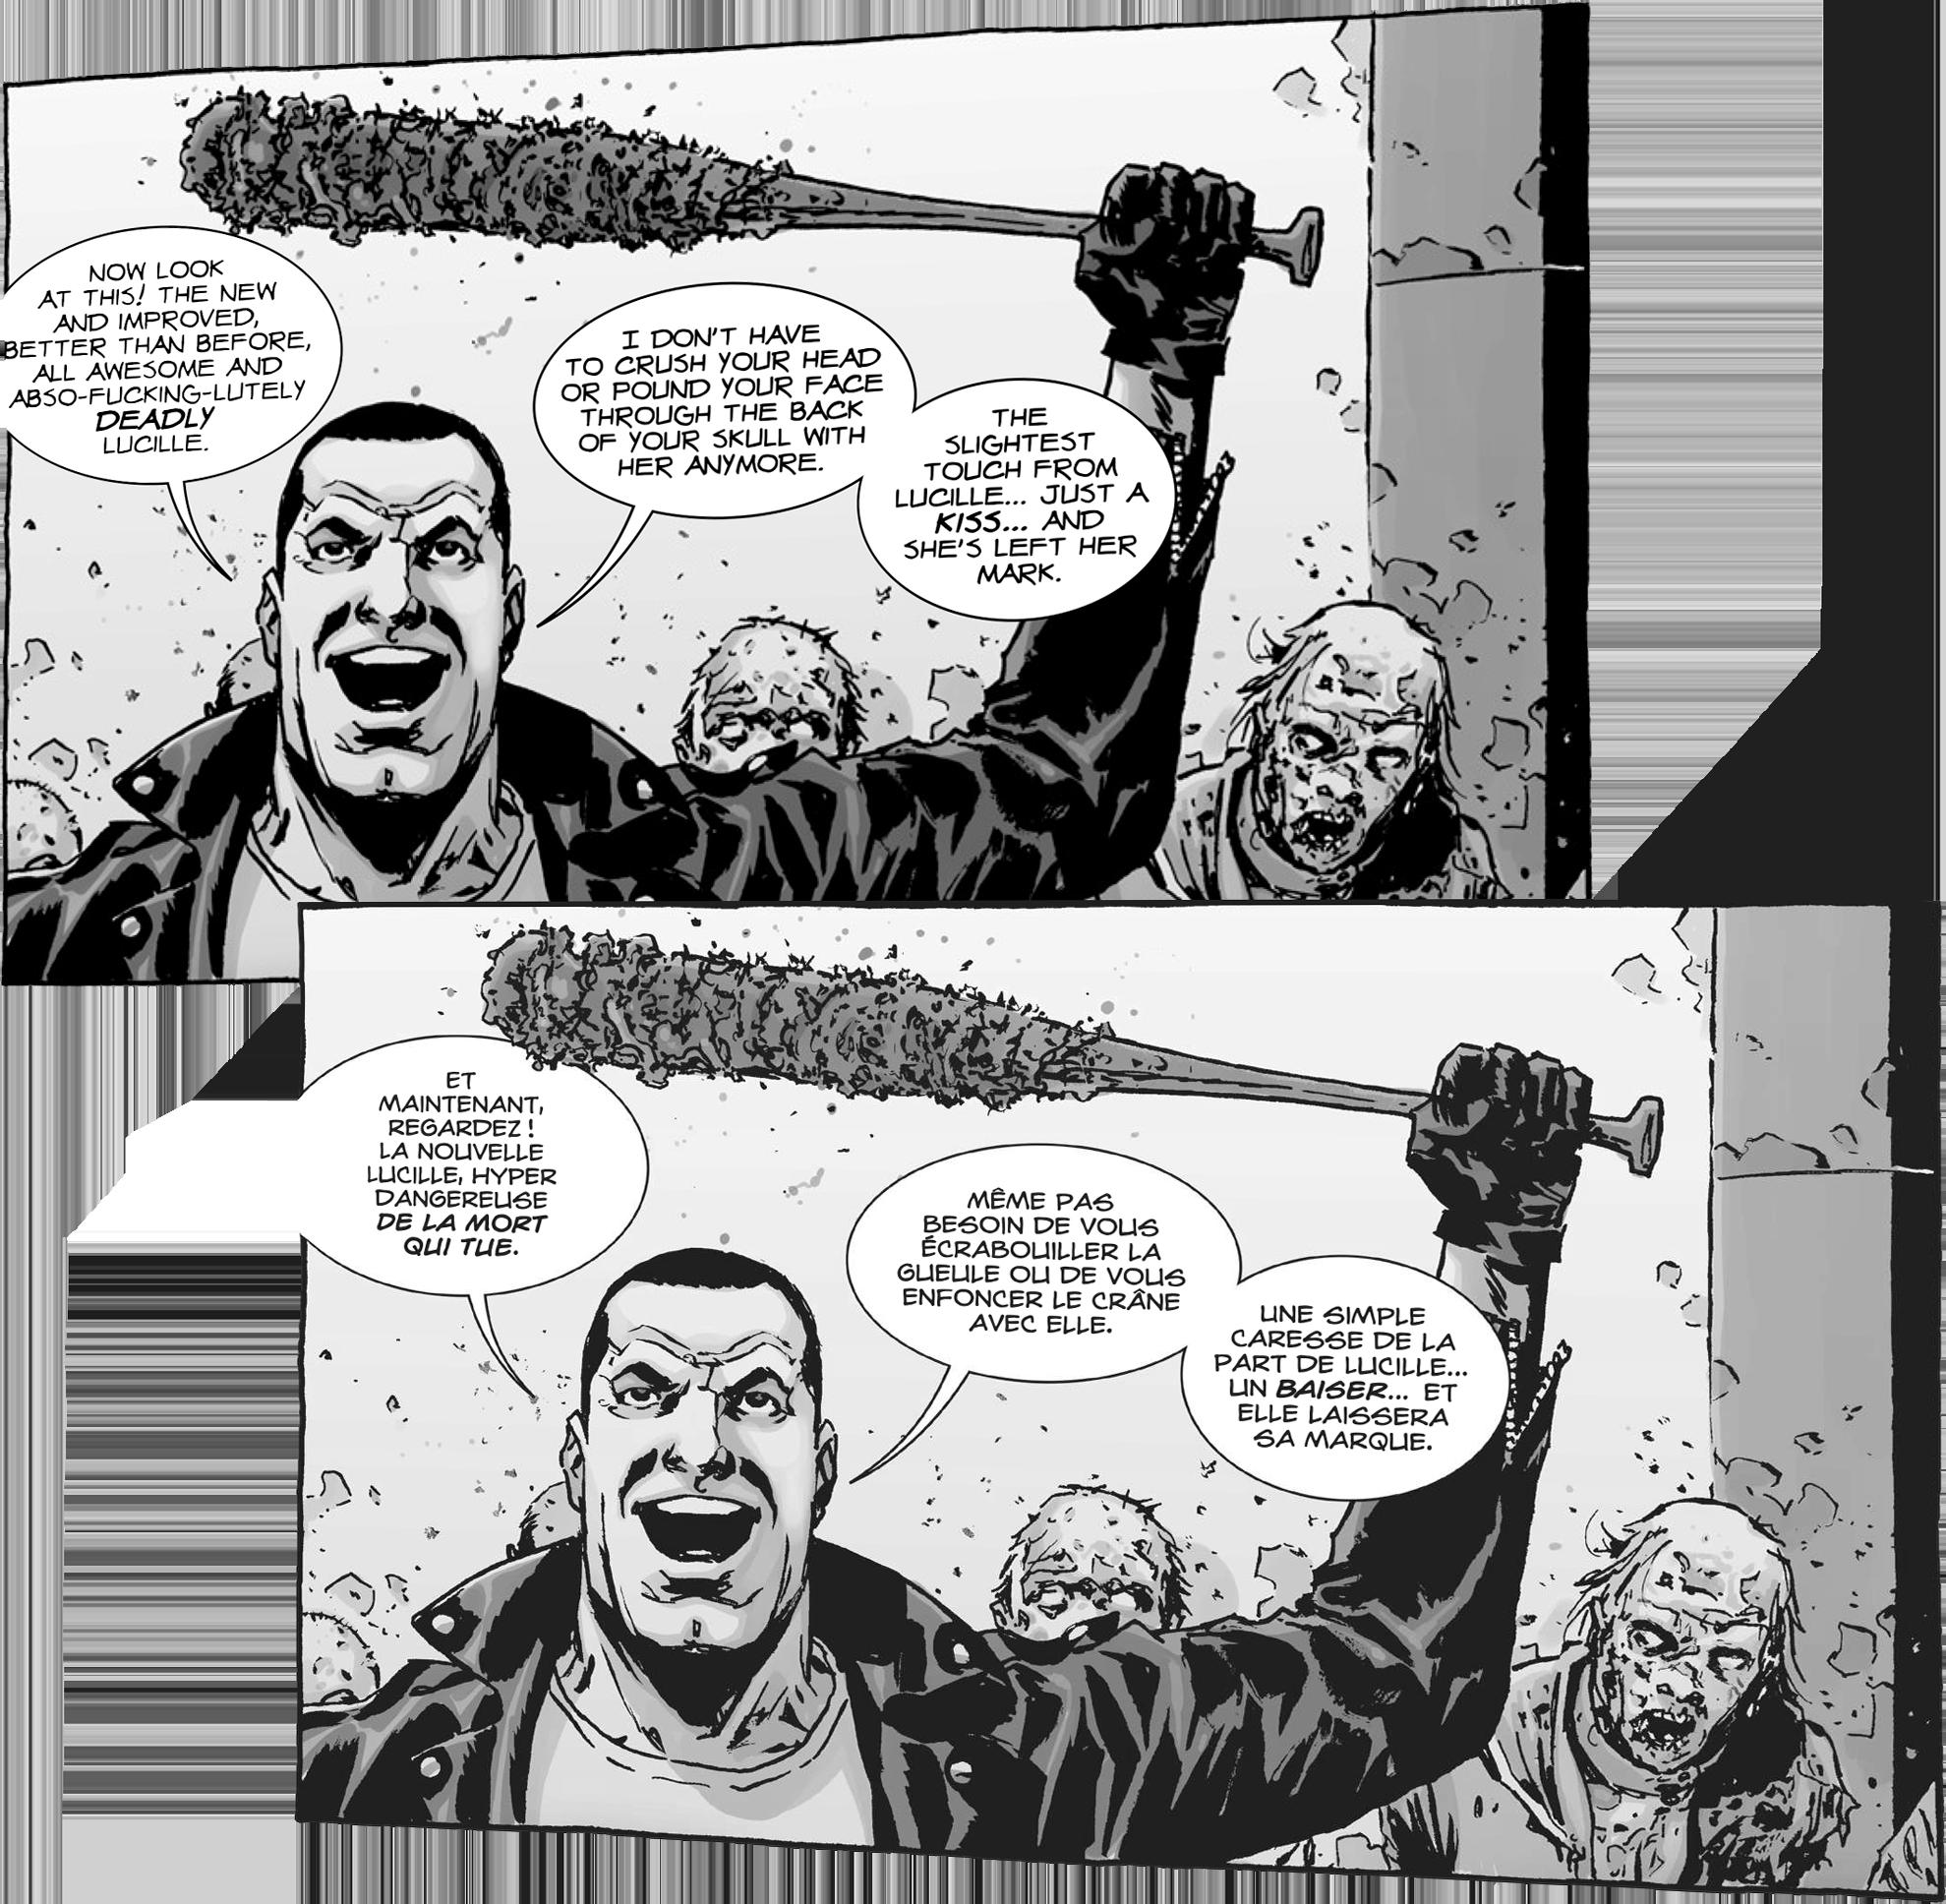 Agence de traduction BD, de transcréation et de localisation : MAKMA. Illustration The Walking Dead (TWD) Negan © Skybound Entertainment et © Groupe Delcourt pour la VF. MAKMA's been translating and lettering comics since 2001.